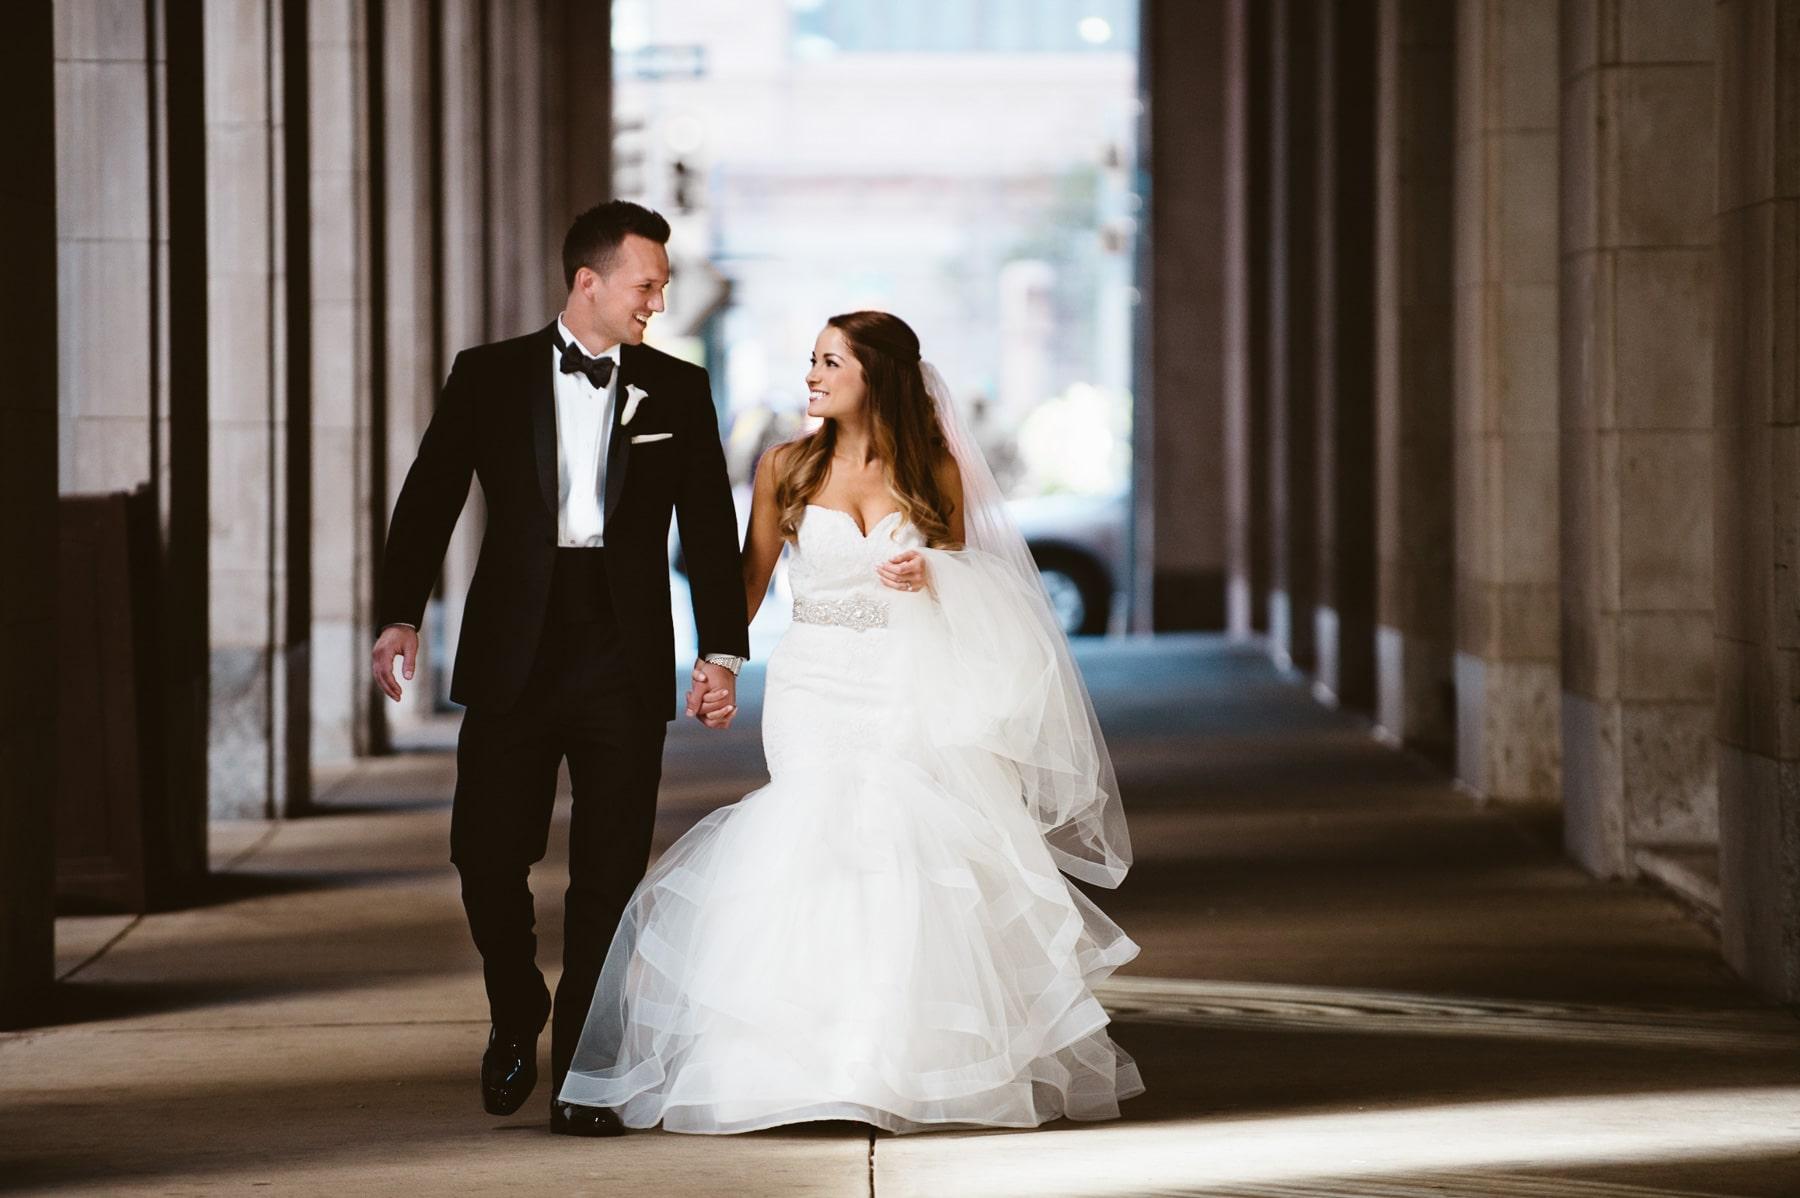 bride-groom-walking at wedding in Philadelphia